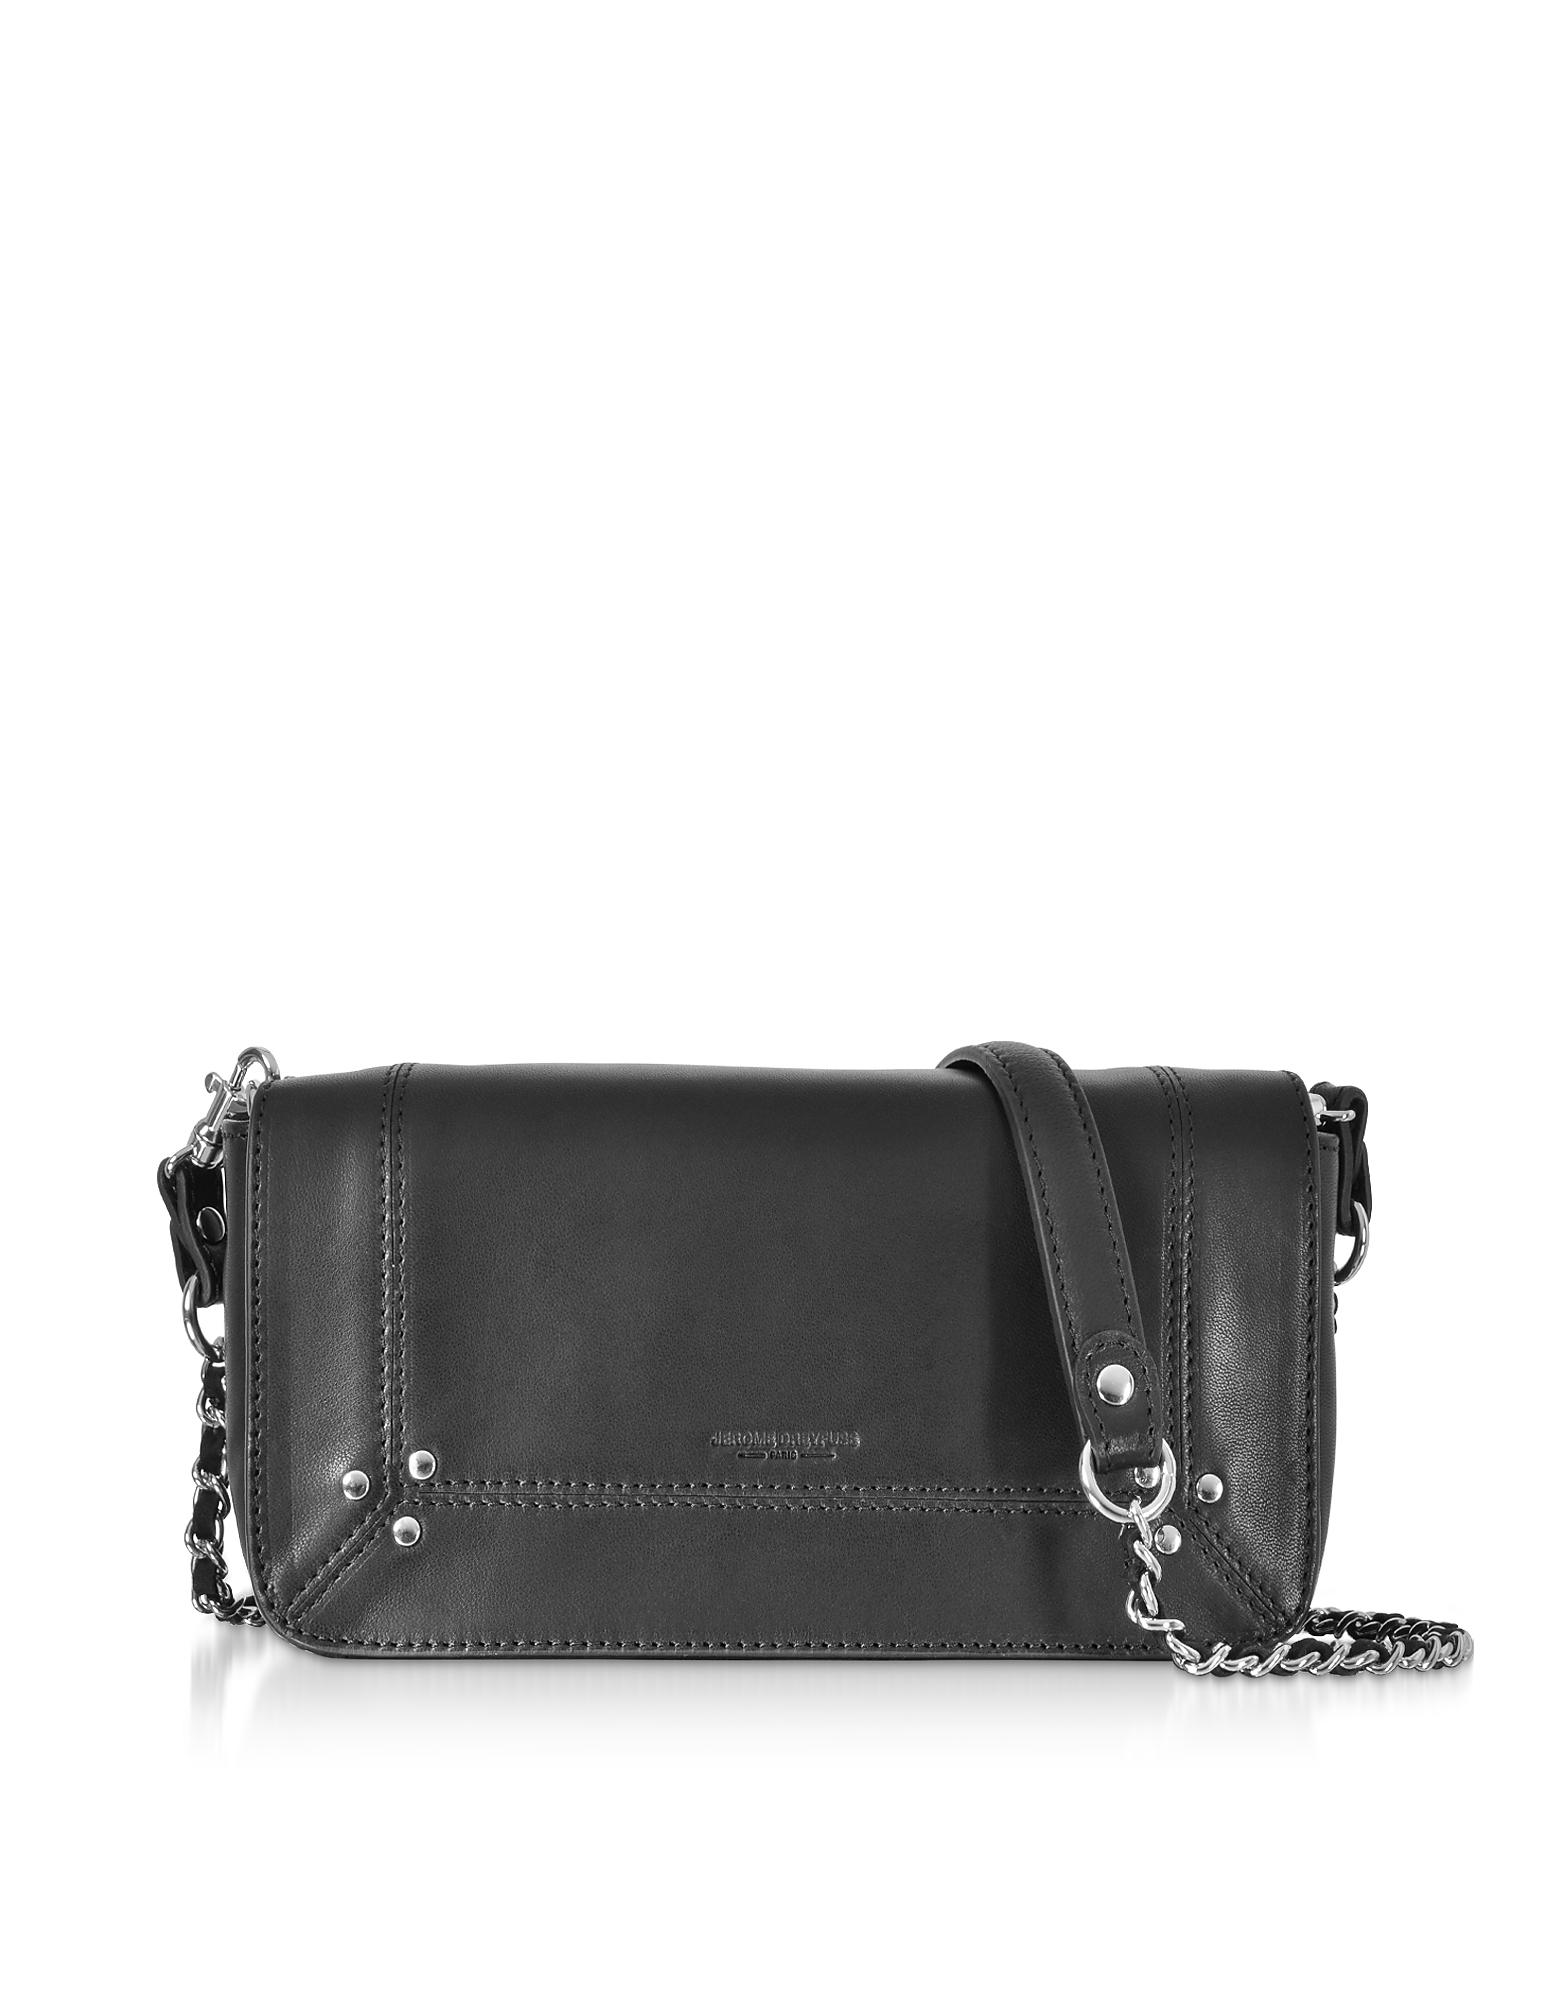 Bob Black Leather Shoulder Bag